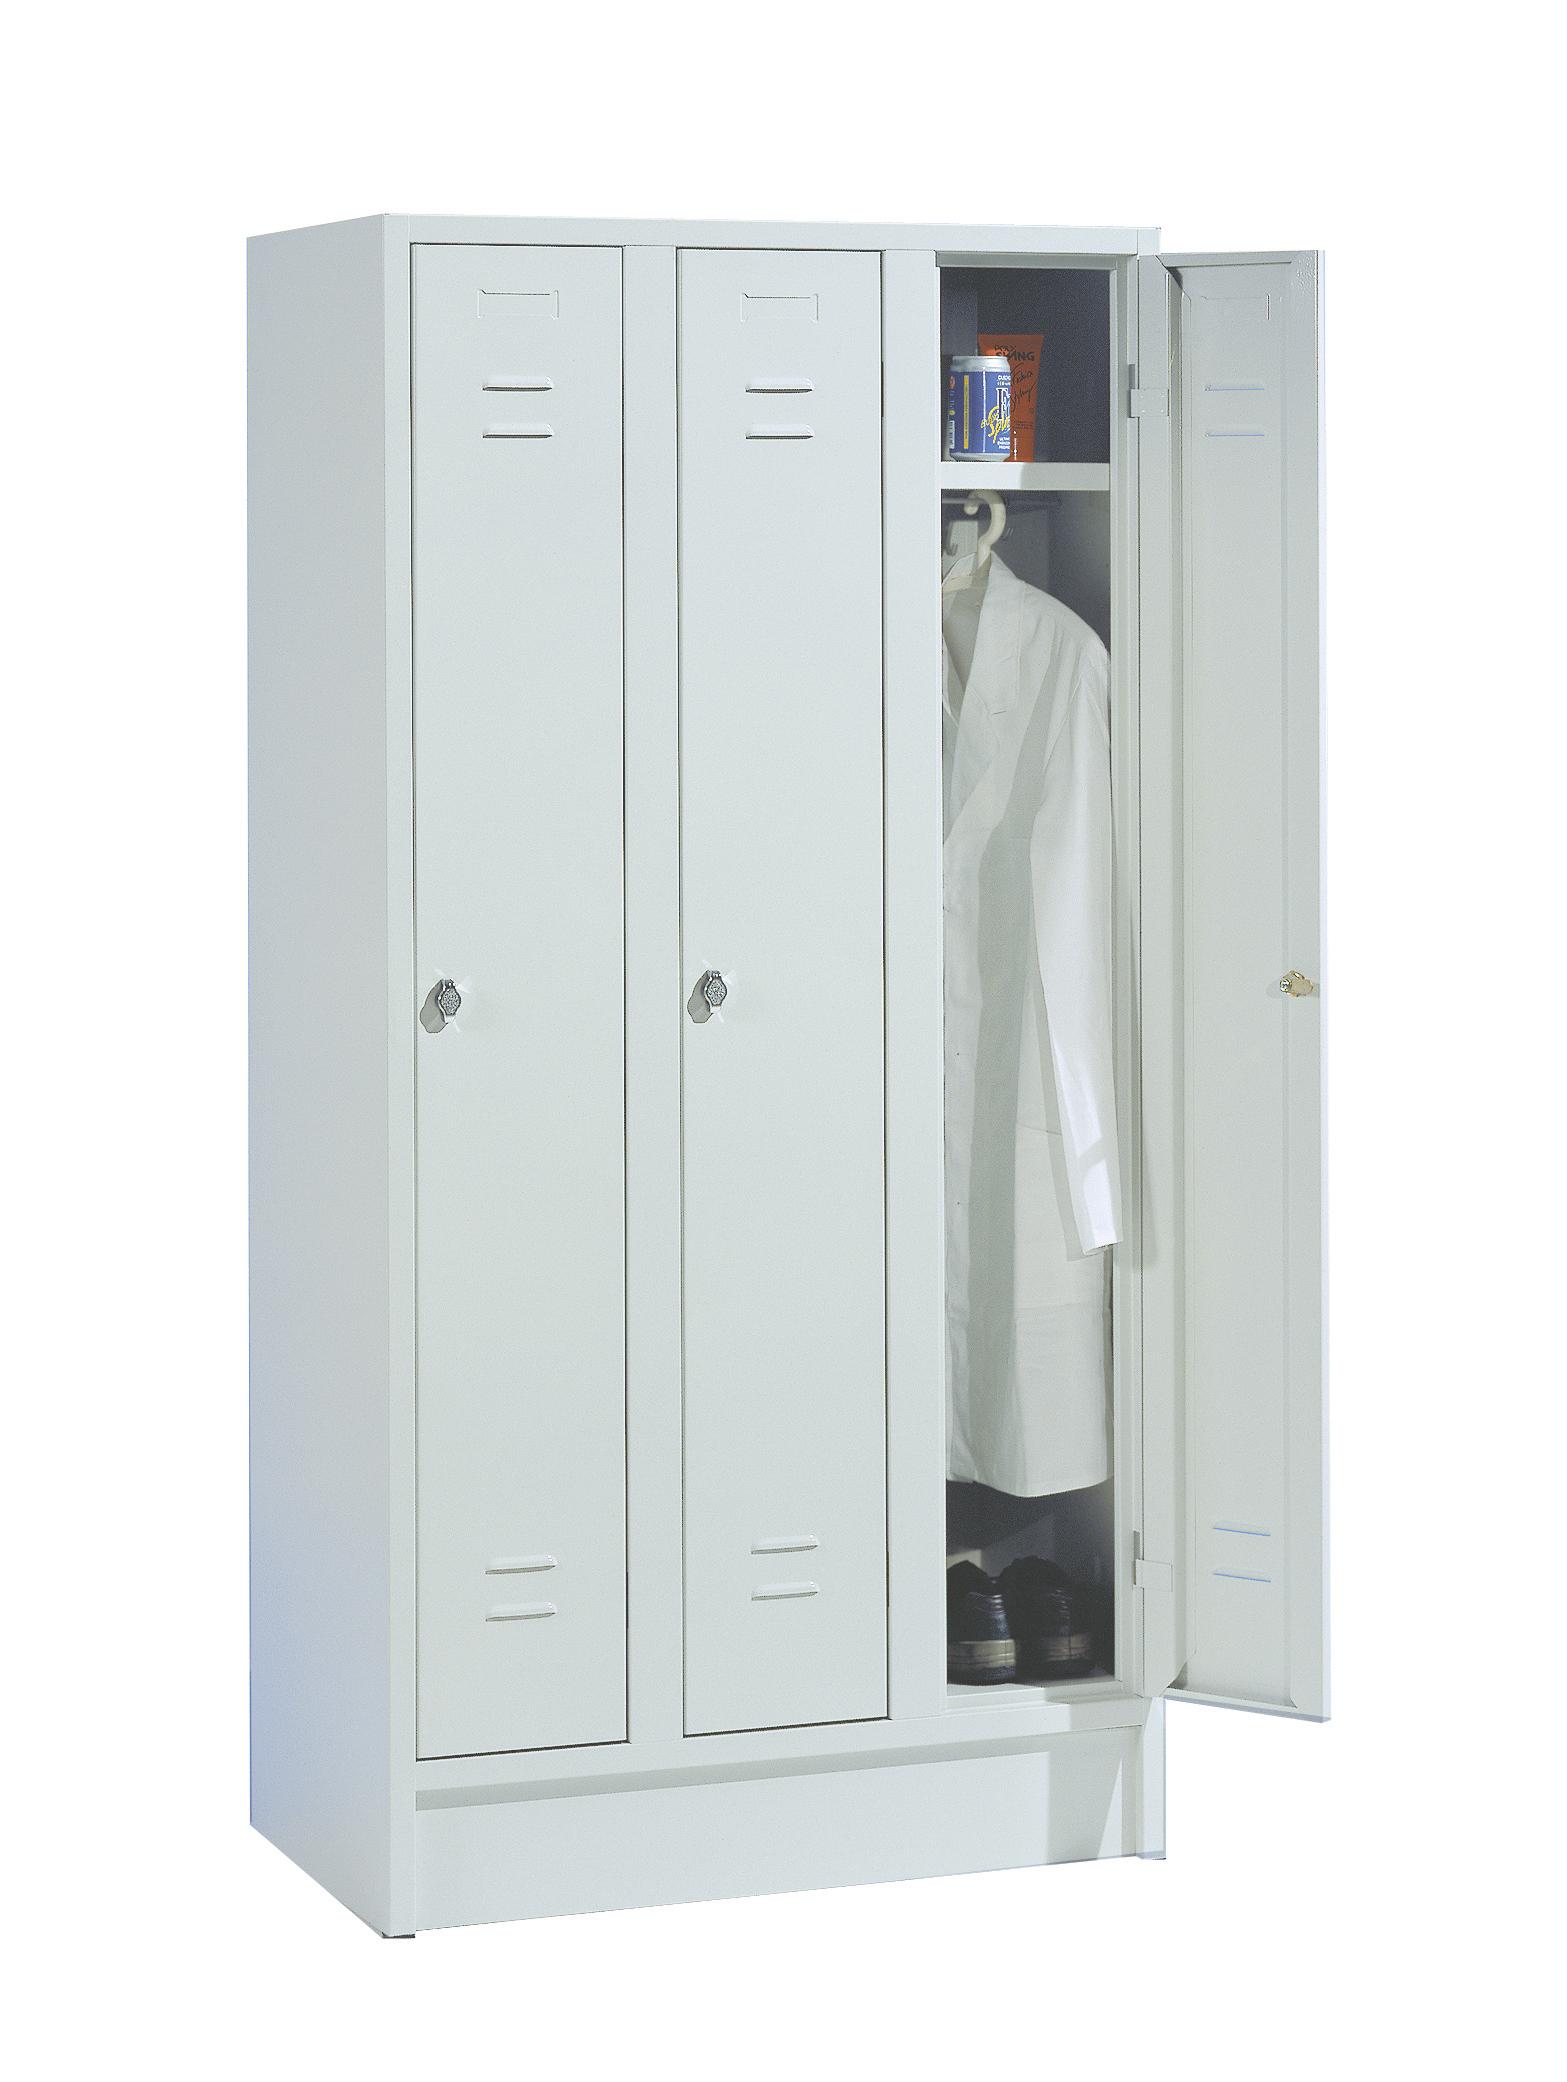 Garderobenschränke- und einrichtung | KRAUS